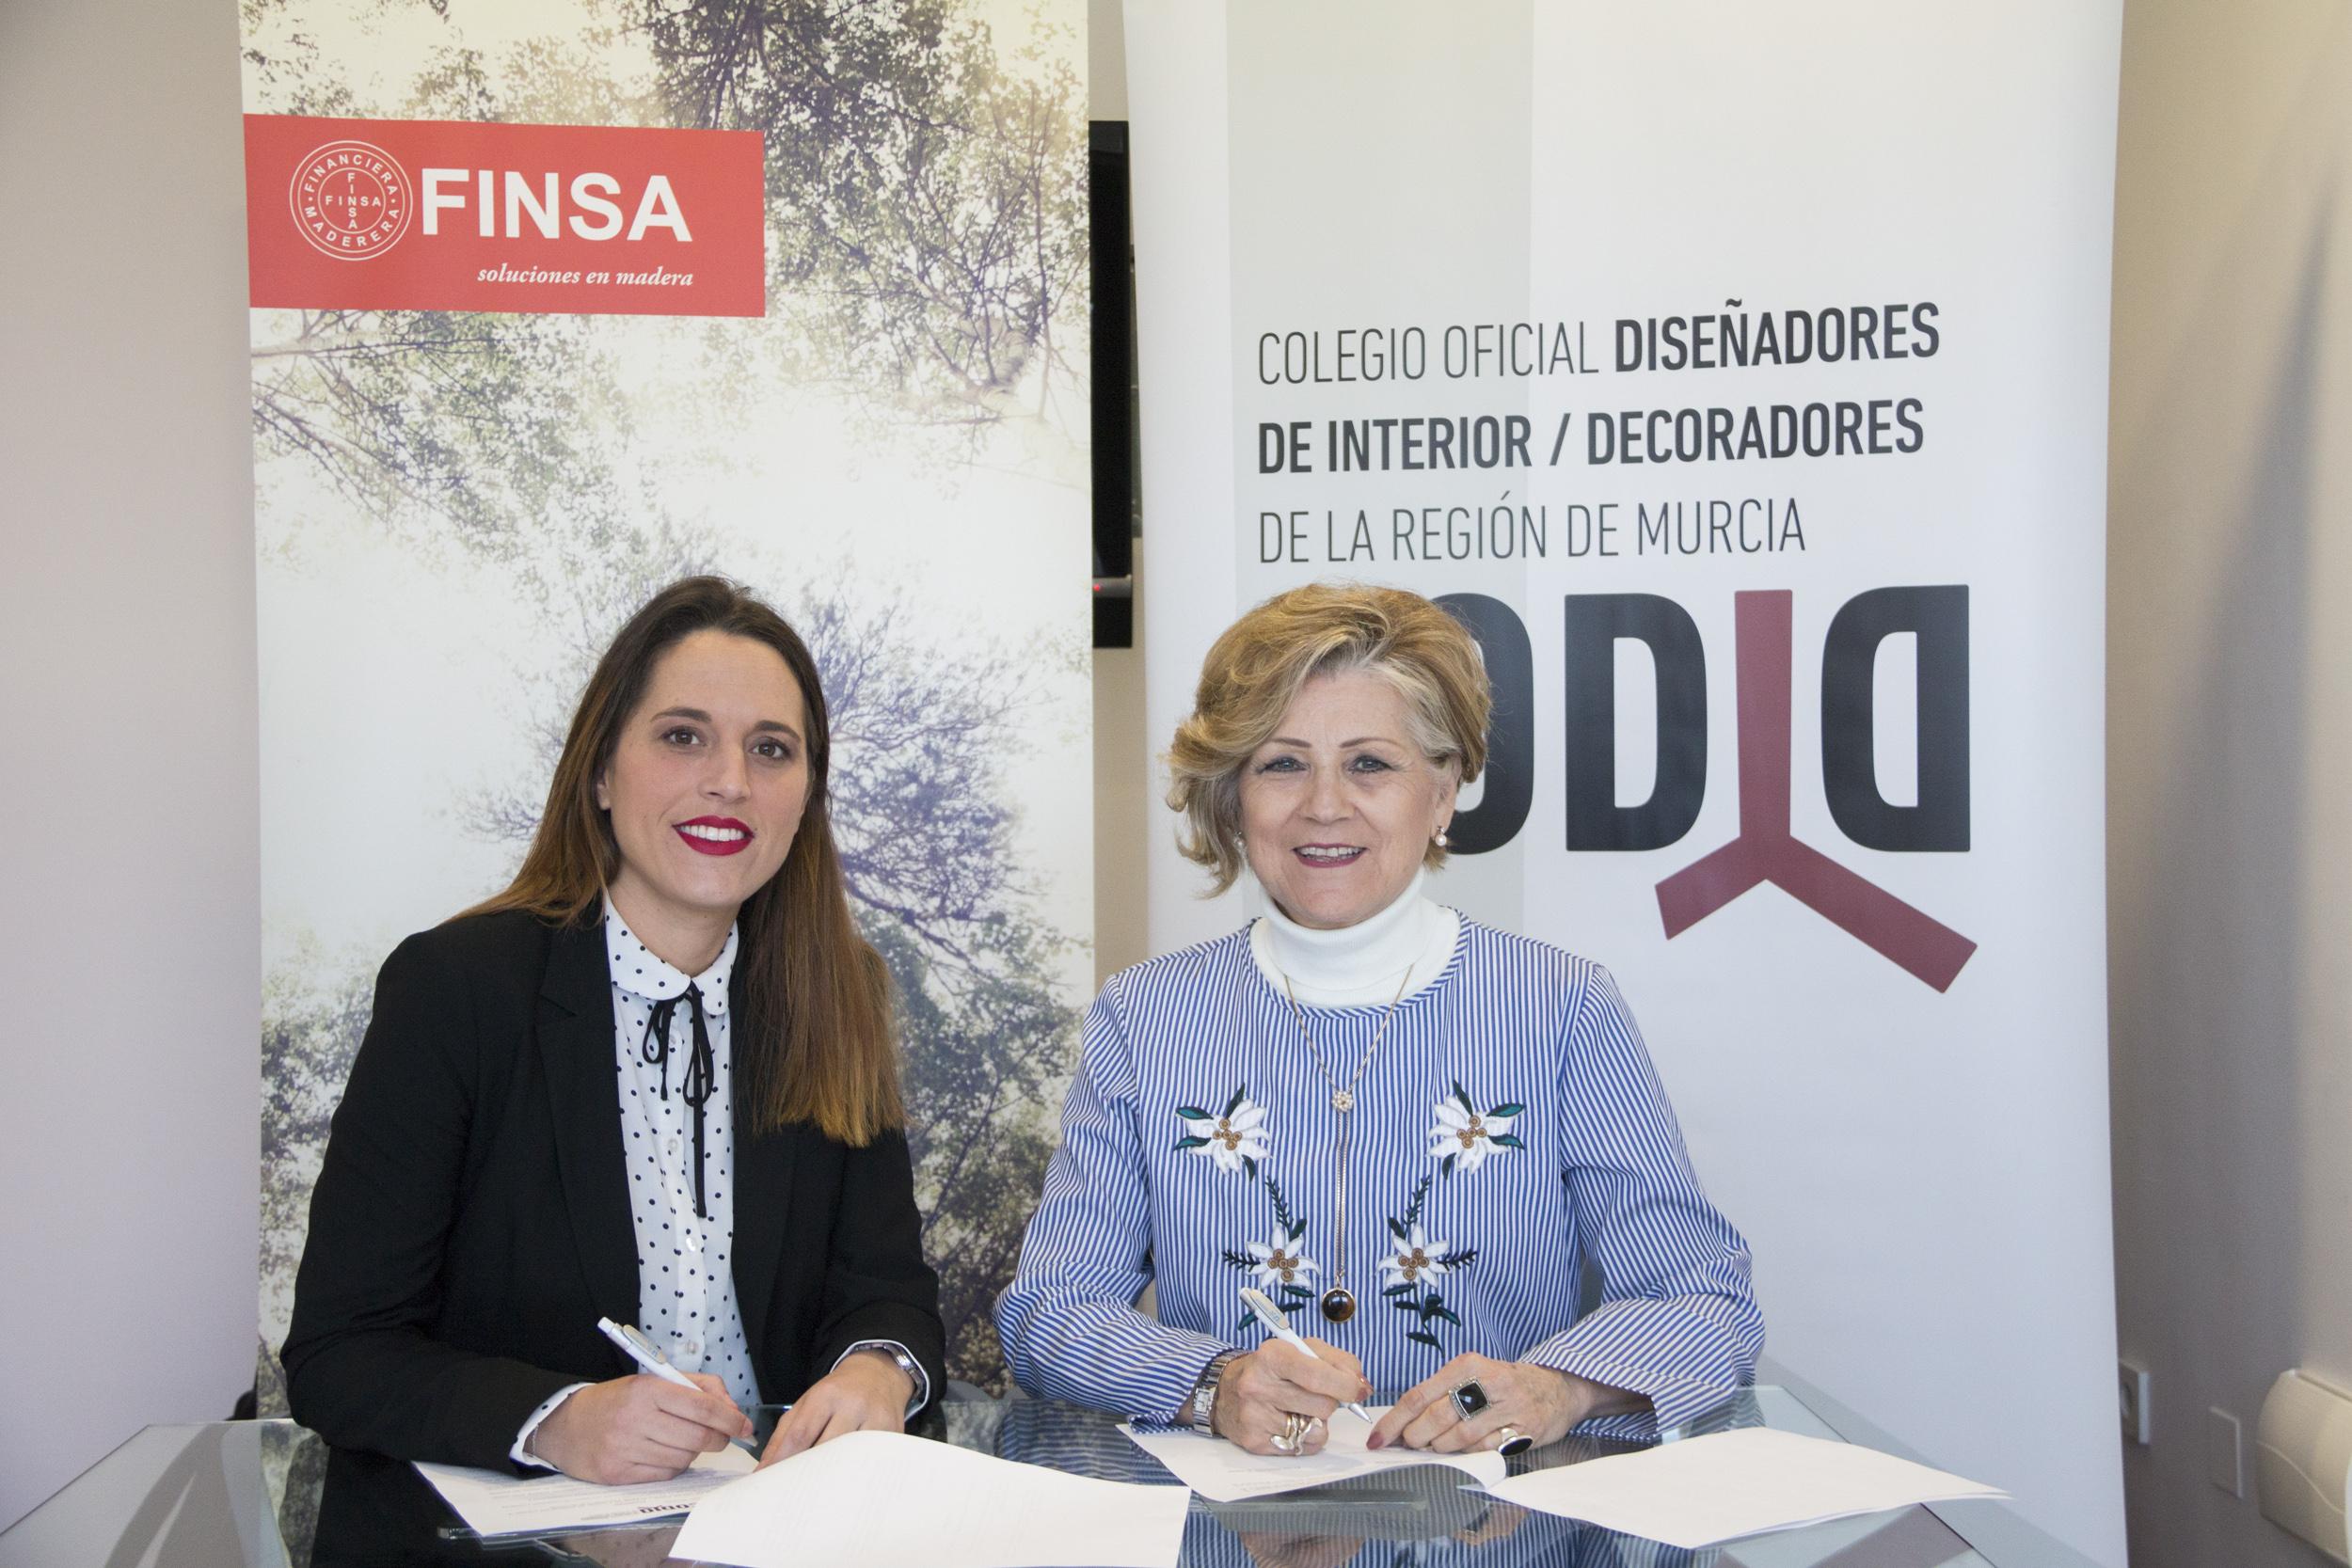 Imagen 1 FINSA renueva su compromiso con el CODID